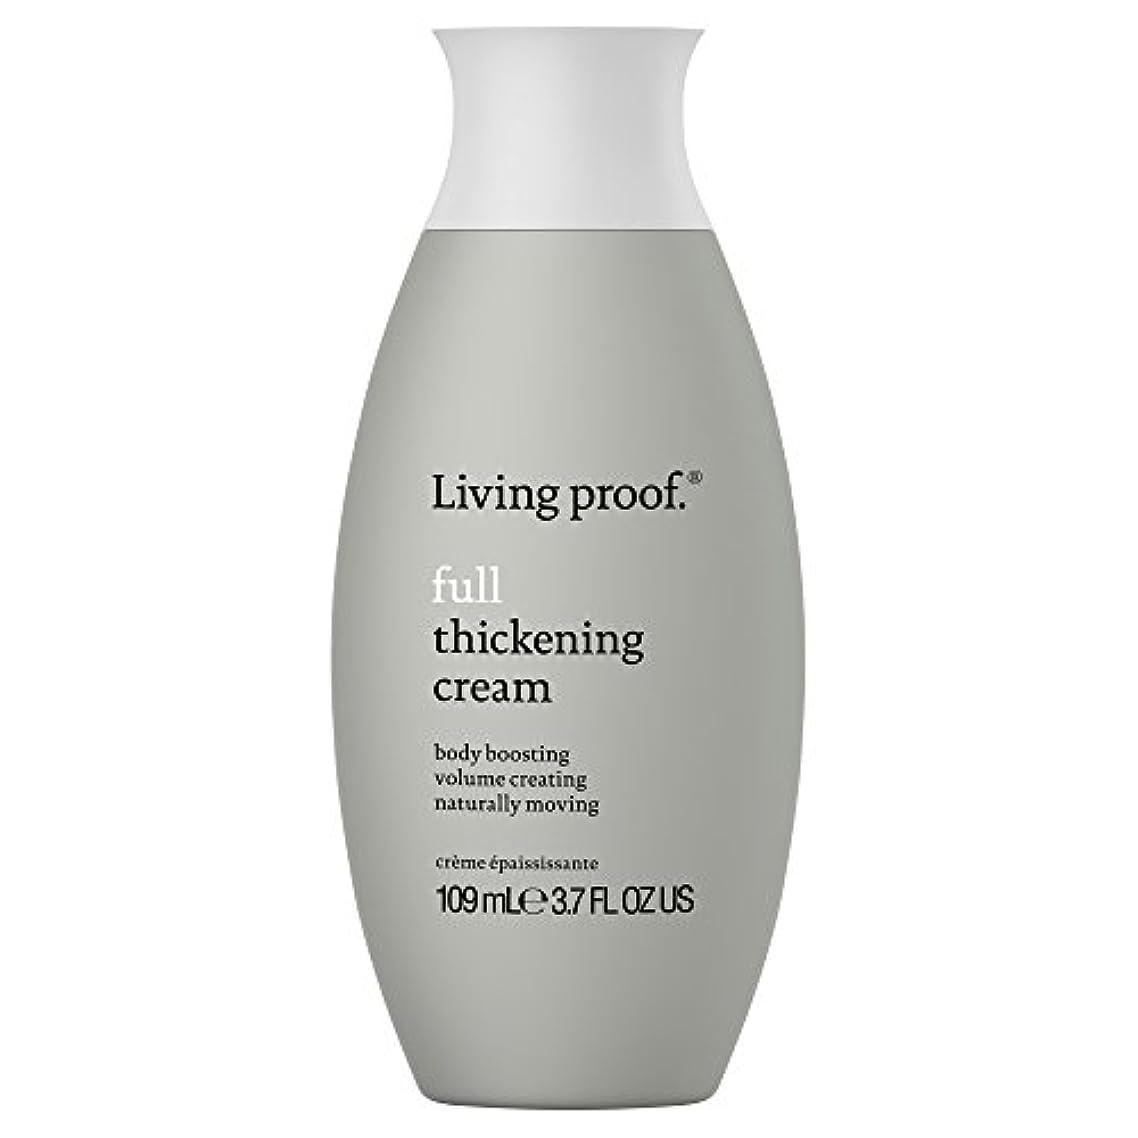 キリン取り除く征服する生きている証拠フル肥厚クリーム109ミリリットル (Living Proof) (x6) - Living Proof Full Thickening Cream 109ml (Pack of 6) [並行輸入品]